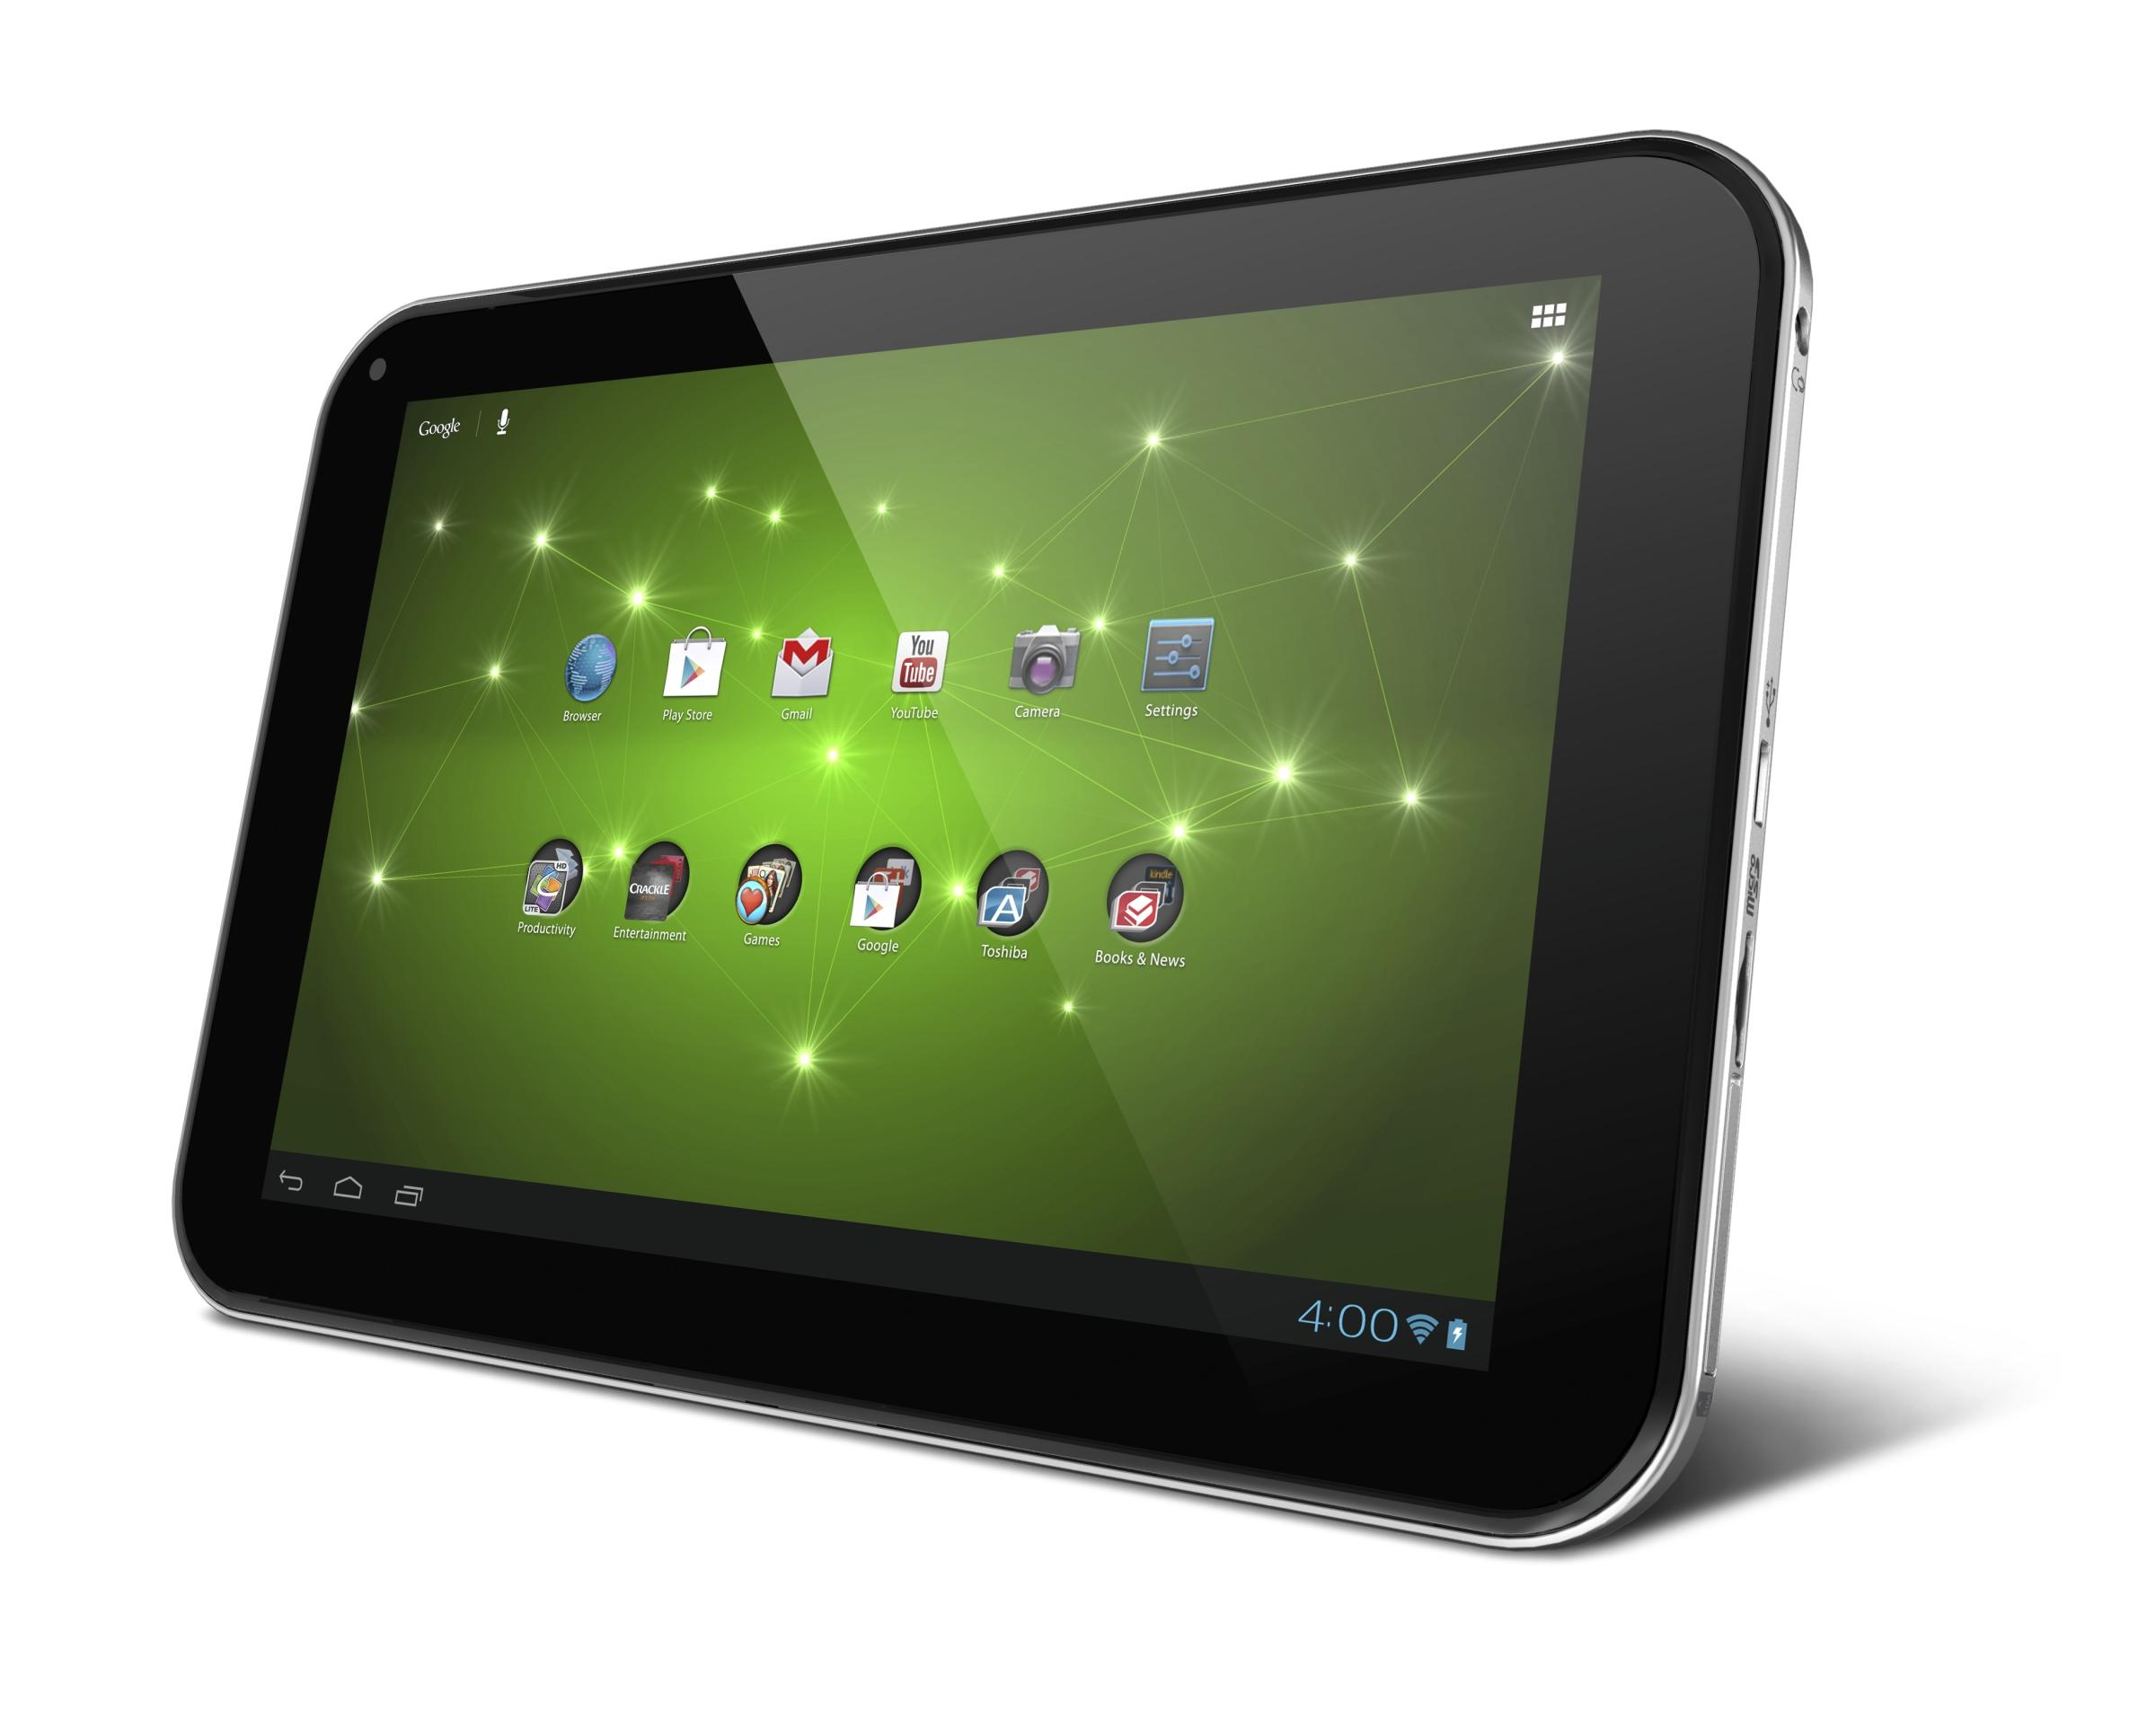 Excite 7.7 blir en av de største dingsene med AMOLED-basert skjerm.